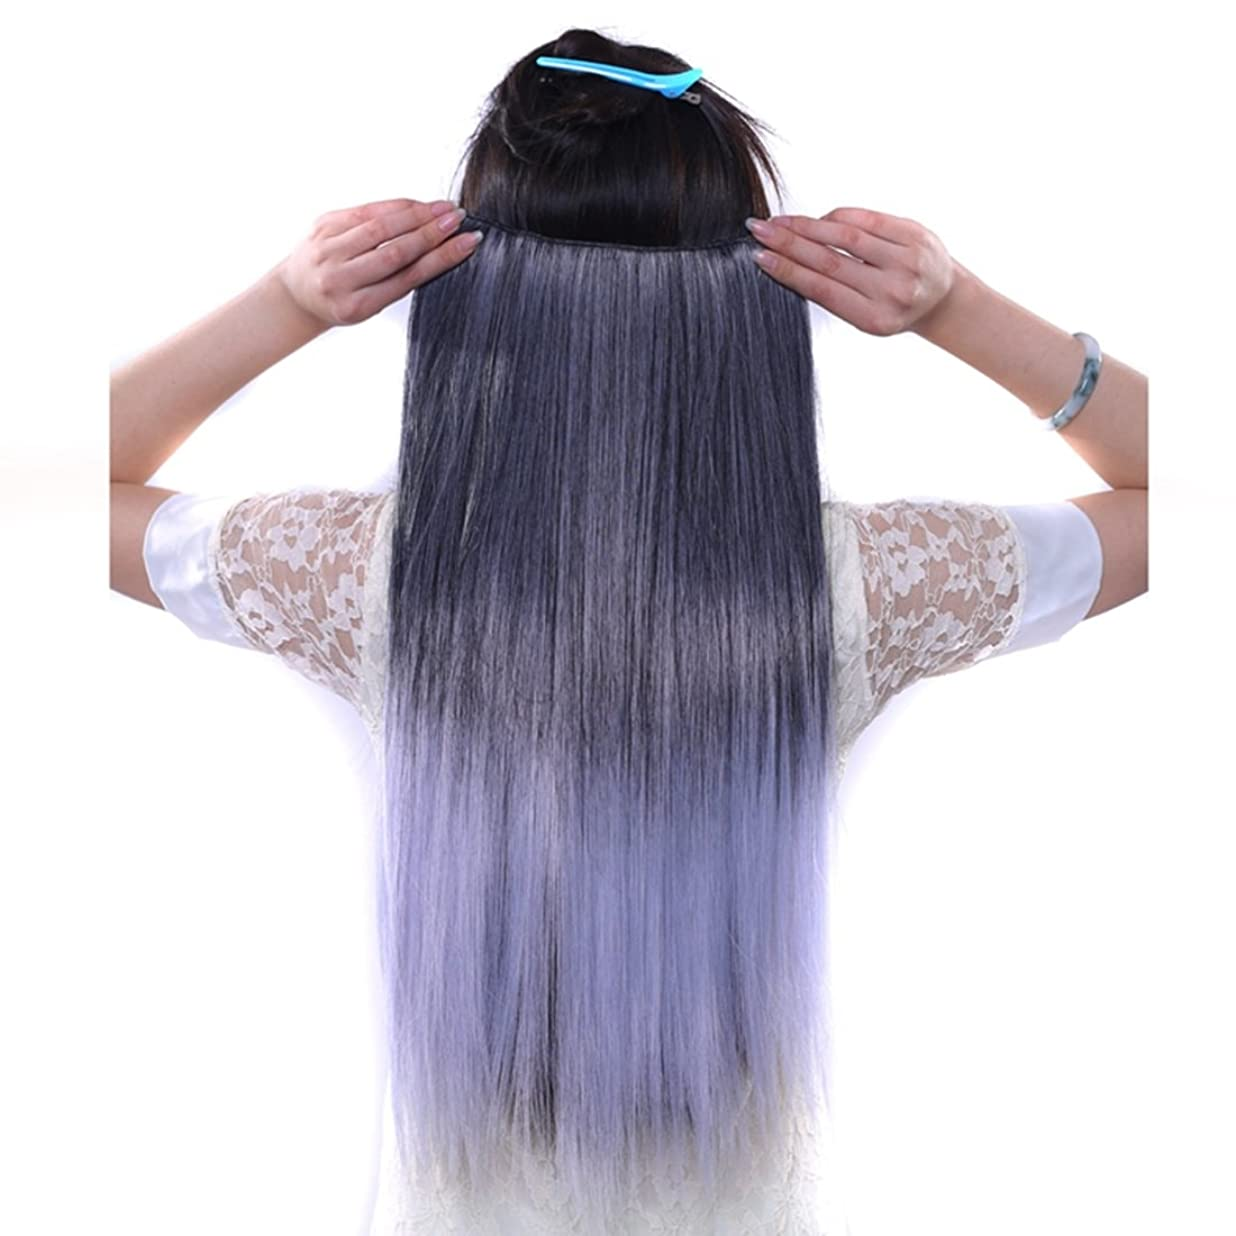 に応じて同一性代表してJIANFU 合成ヘアエクステンションヘアカラーグラデーションウィッグピースで5クリップロングストレートヘアピース60cm (Color : Black gradient purple)